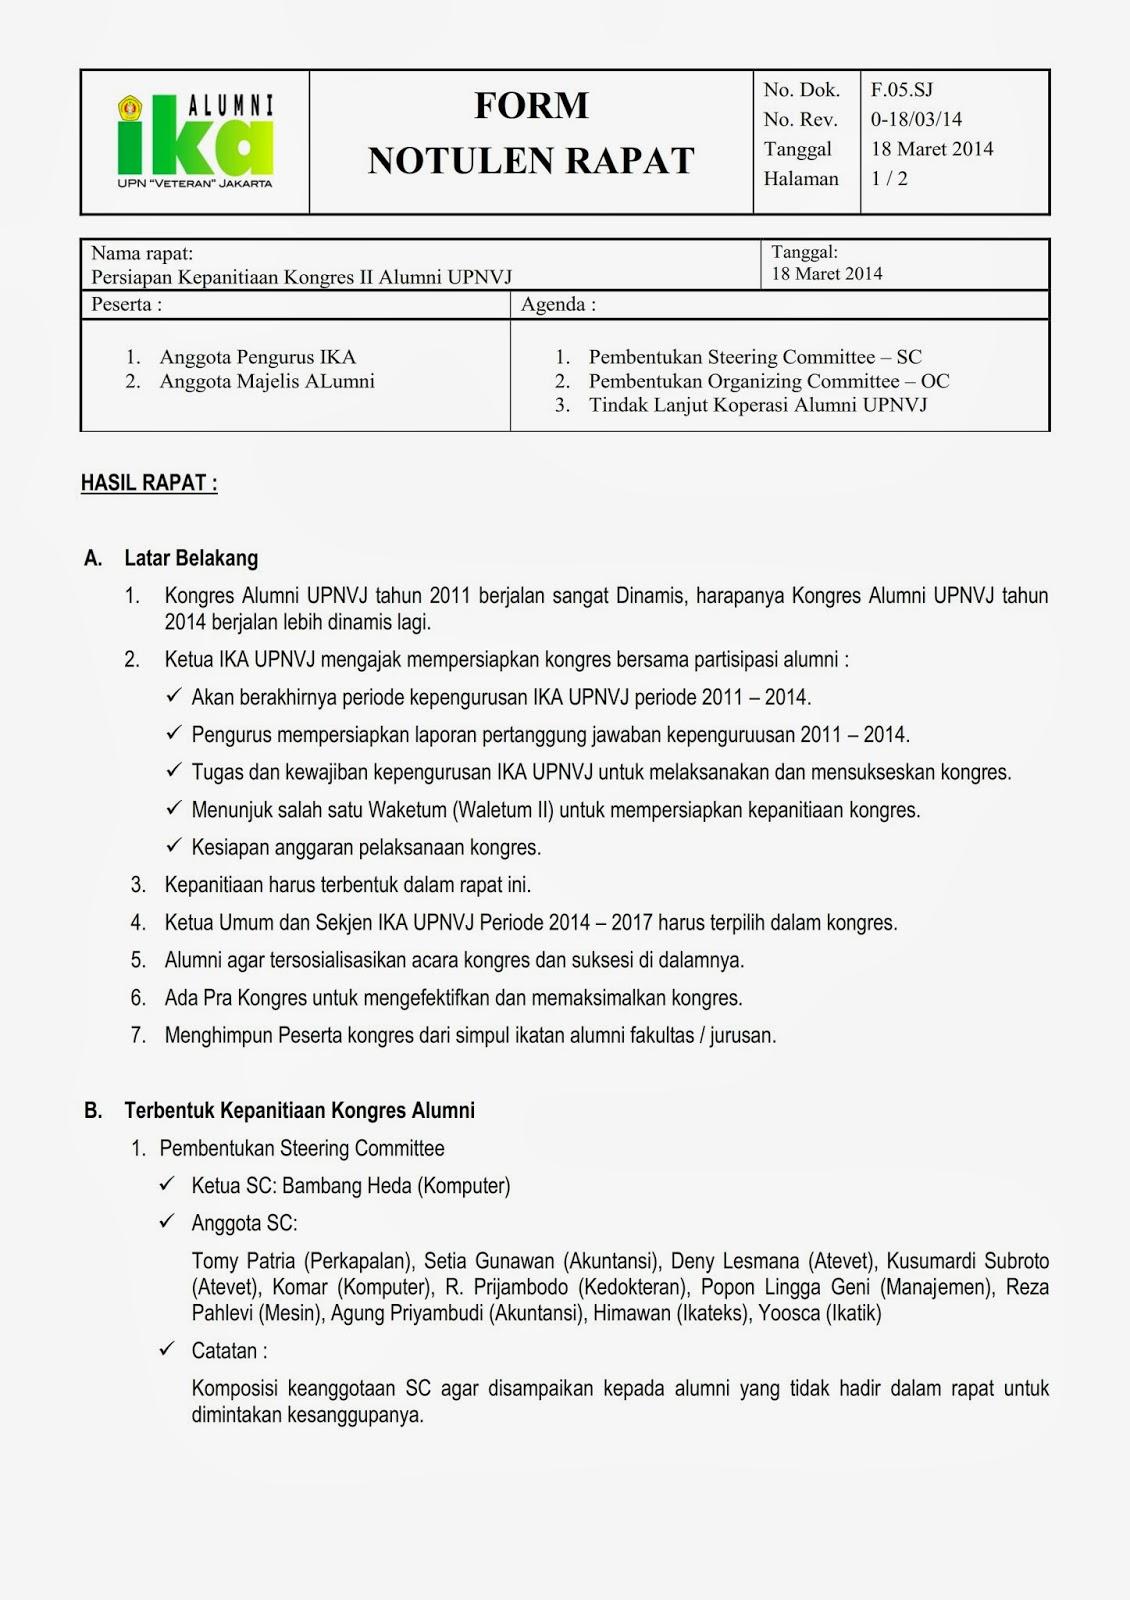 contoh surat ikatan dinas perusahaan surat 5